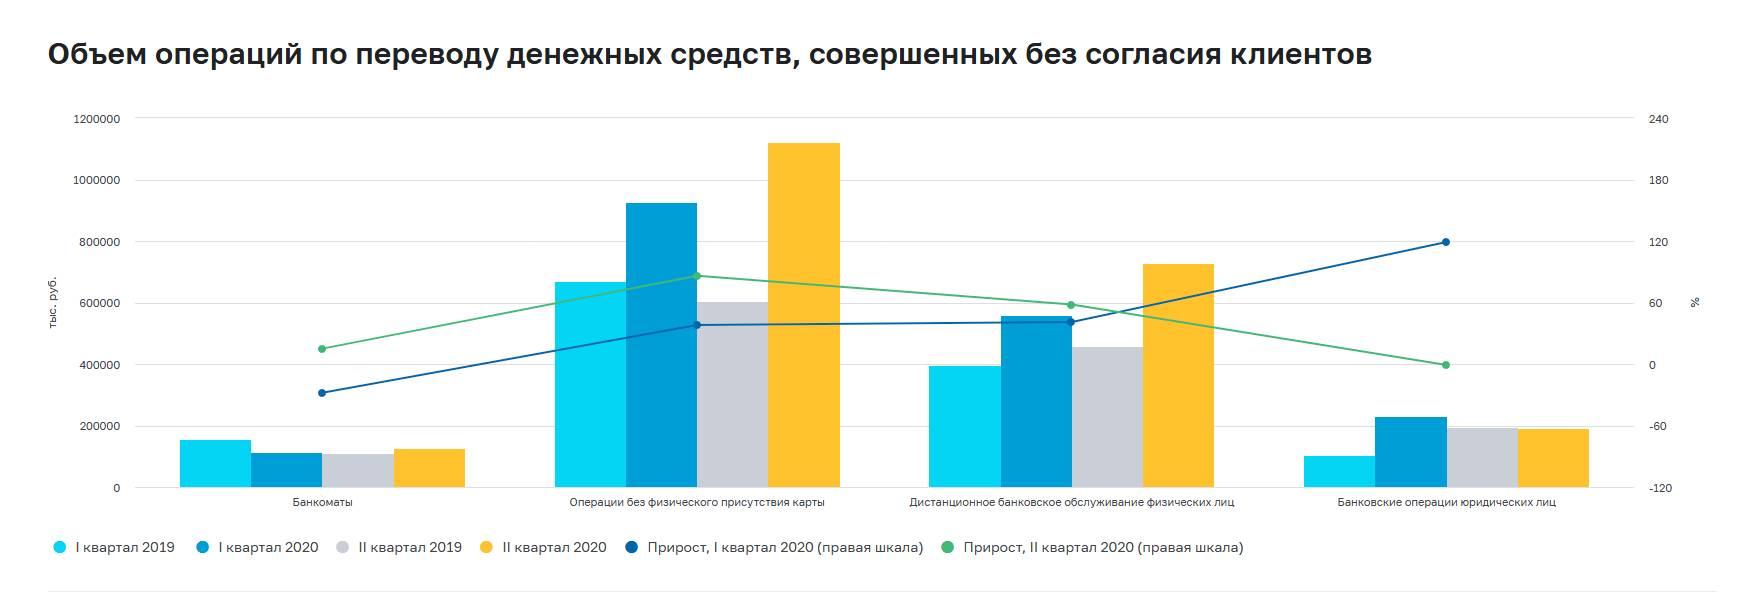 На фоне пандемии Covid-19 выросла активность мошенников